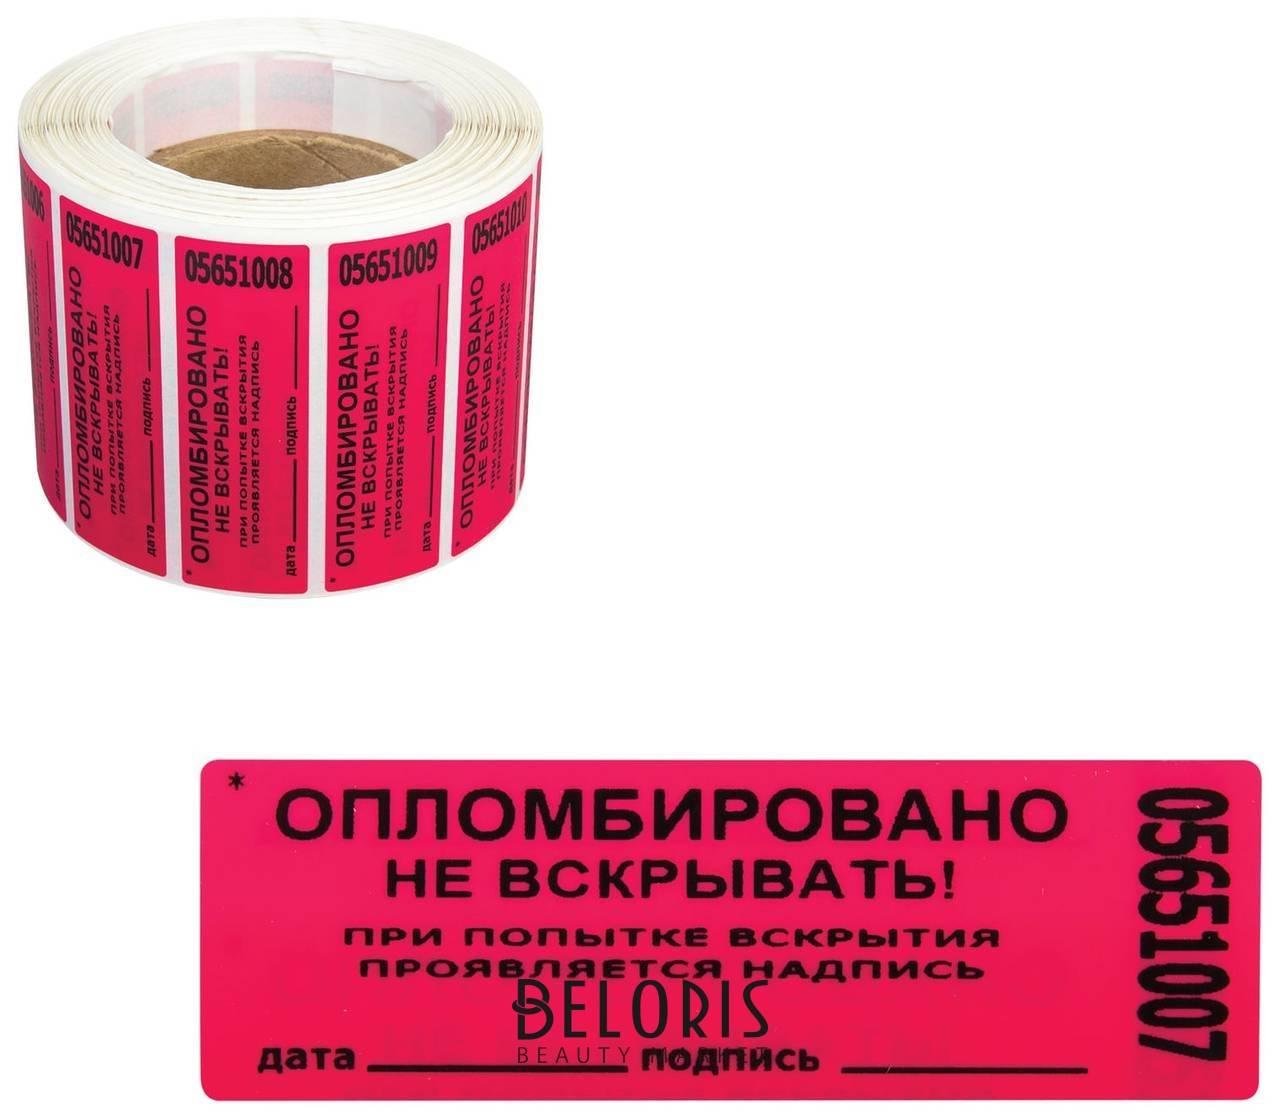 Пломбы самоклеящиеся номерные Новейшие технологии, комплект 1000 шт. (рулон), длина 66 мм, ширина 22 мм, красные Новейшие технологии